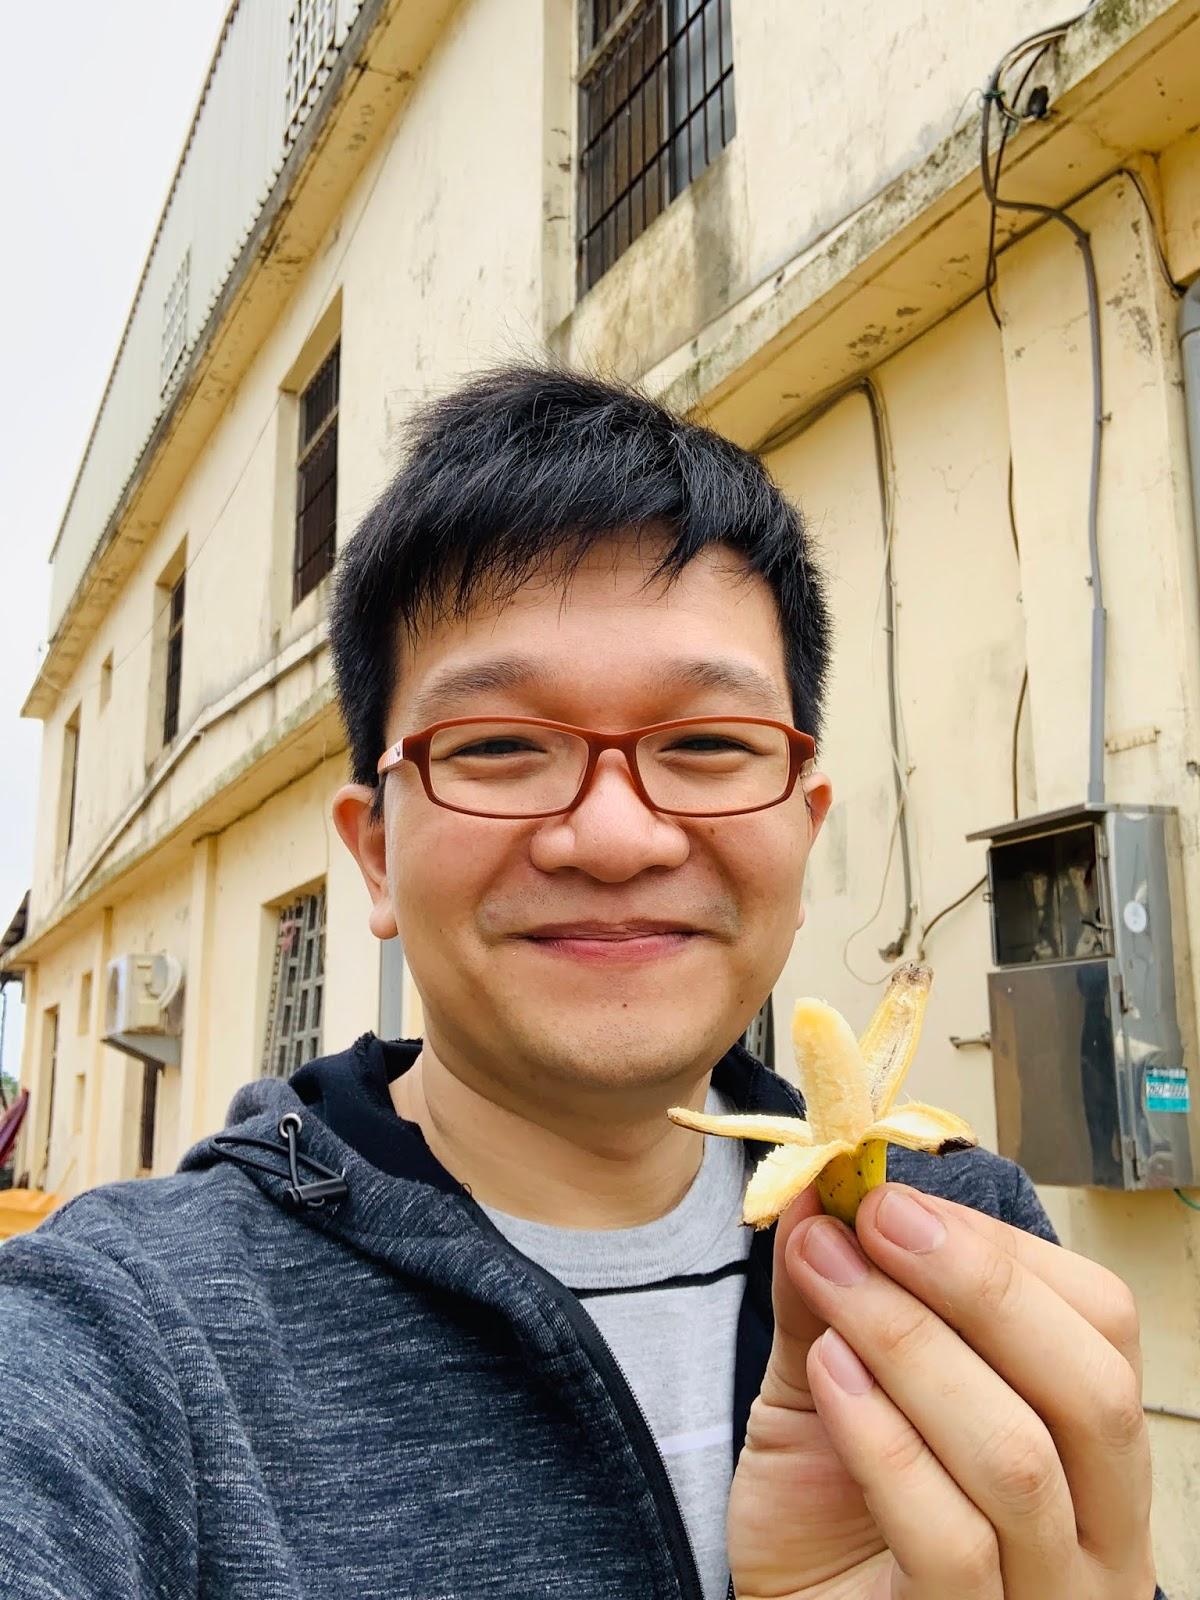 全世界最小的香蕉